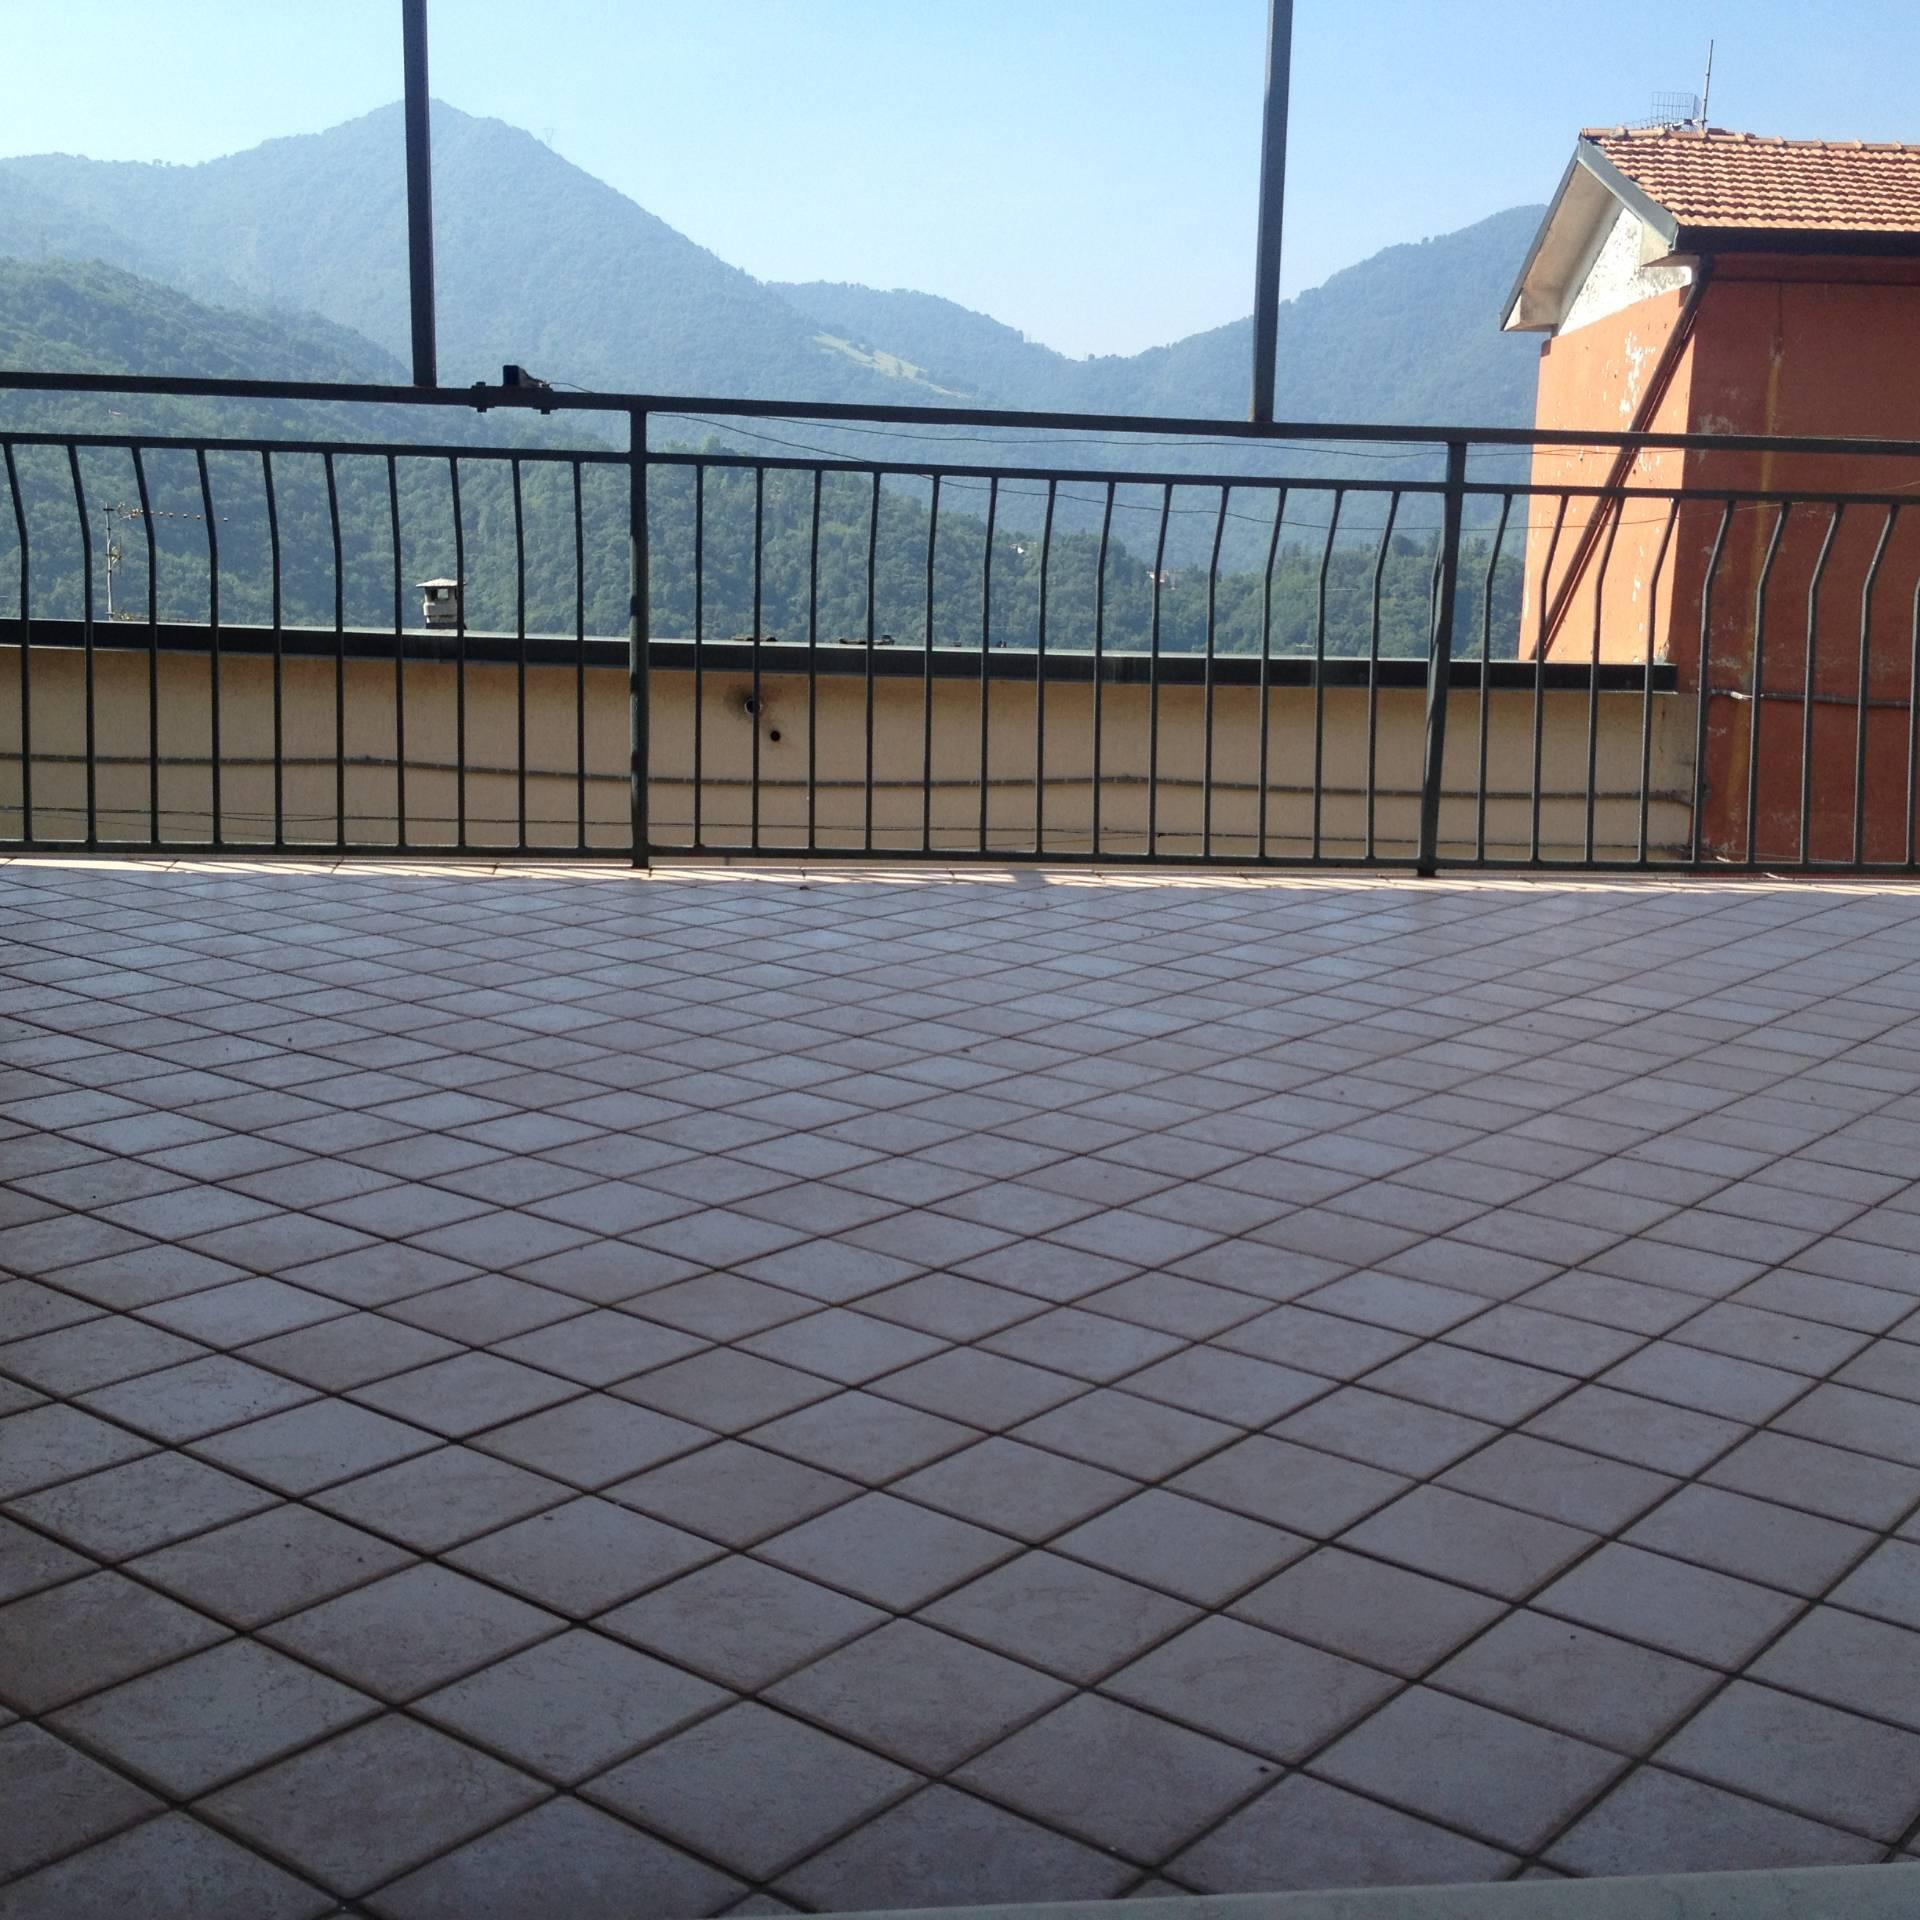 Appartamento in vendita a Lumezzane, 3 locali, zona Località: LumezzaneS.Apollonio, prezzo € 59.000 | CambioCasa.it